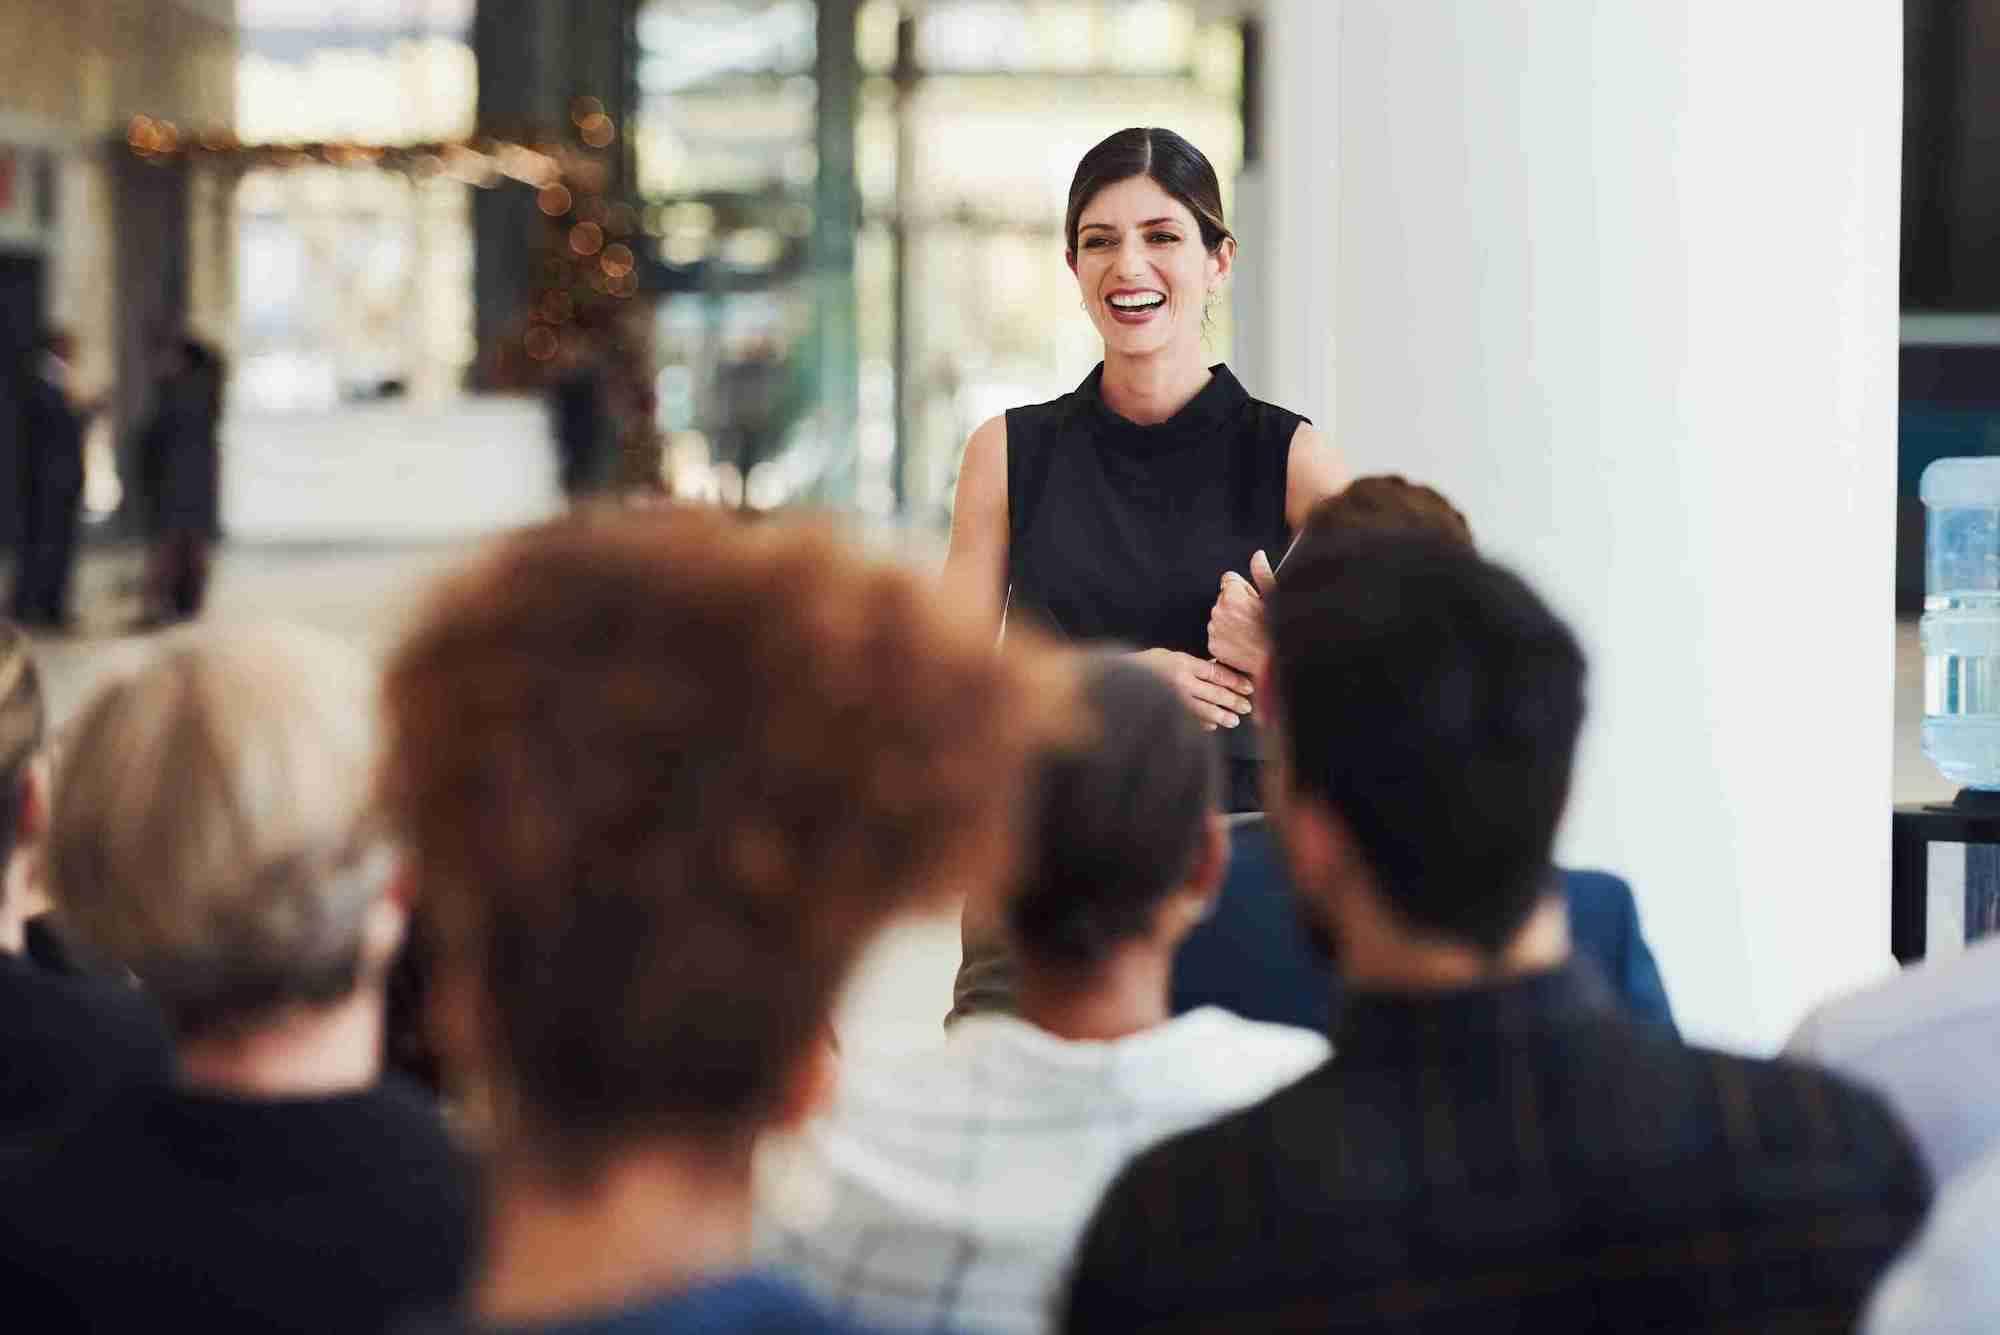 Medo de falar em público? Confira 4 dicas para superá-lo